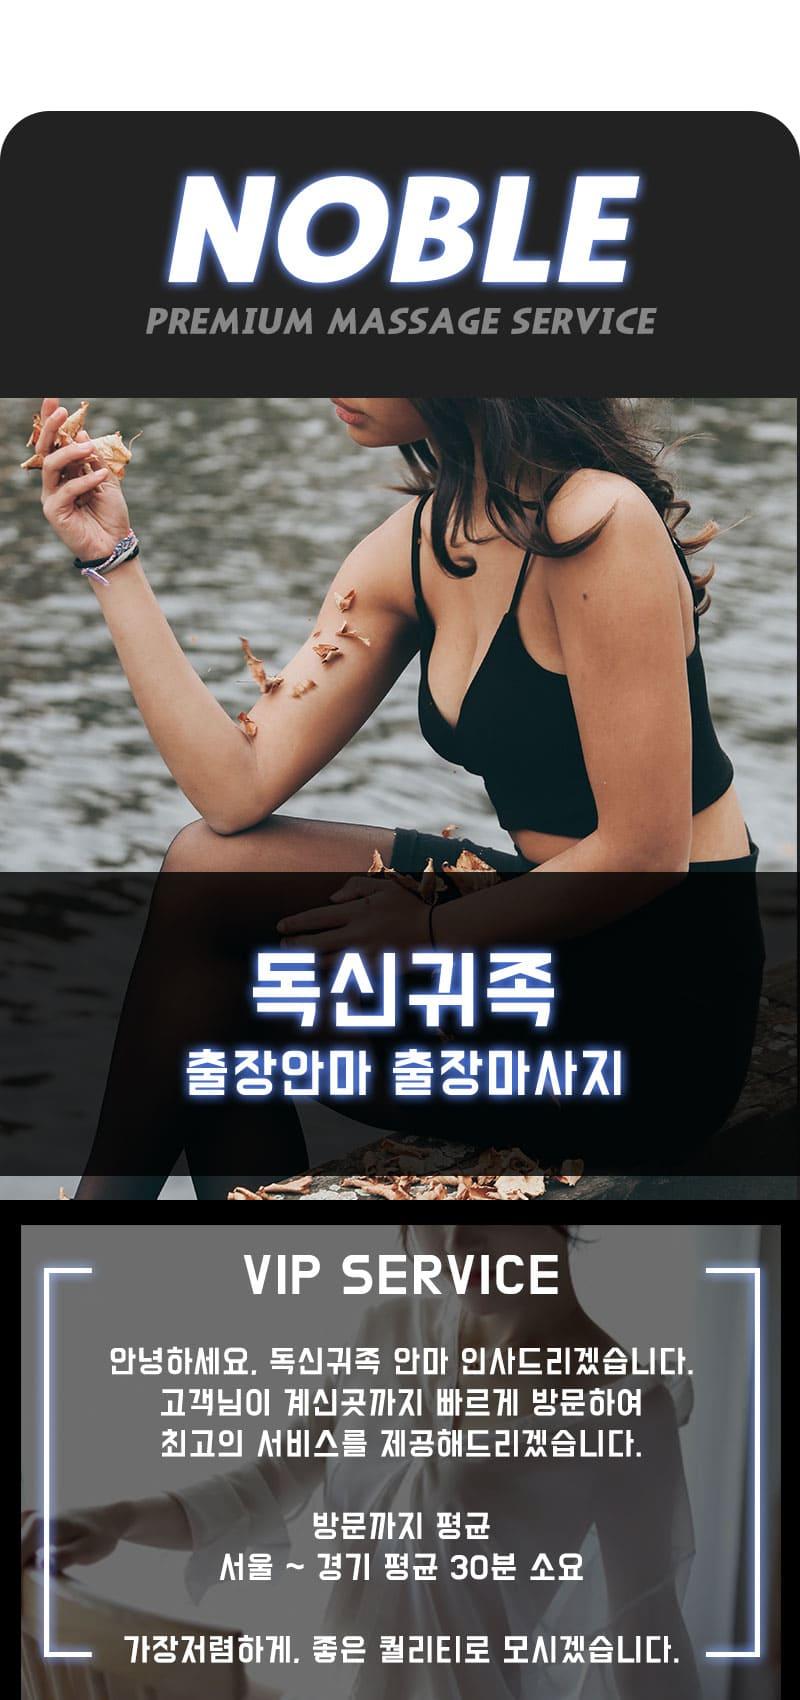 원미구출장안마 소개